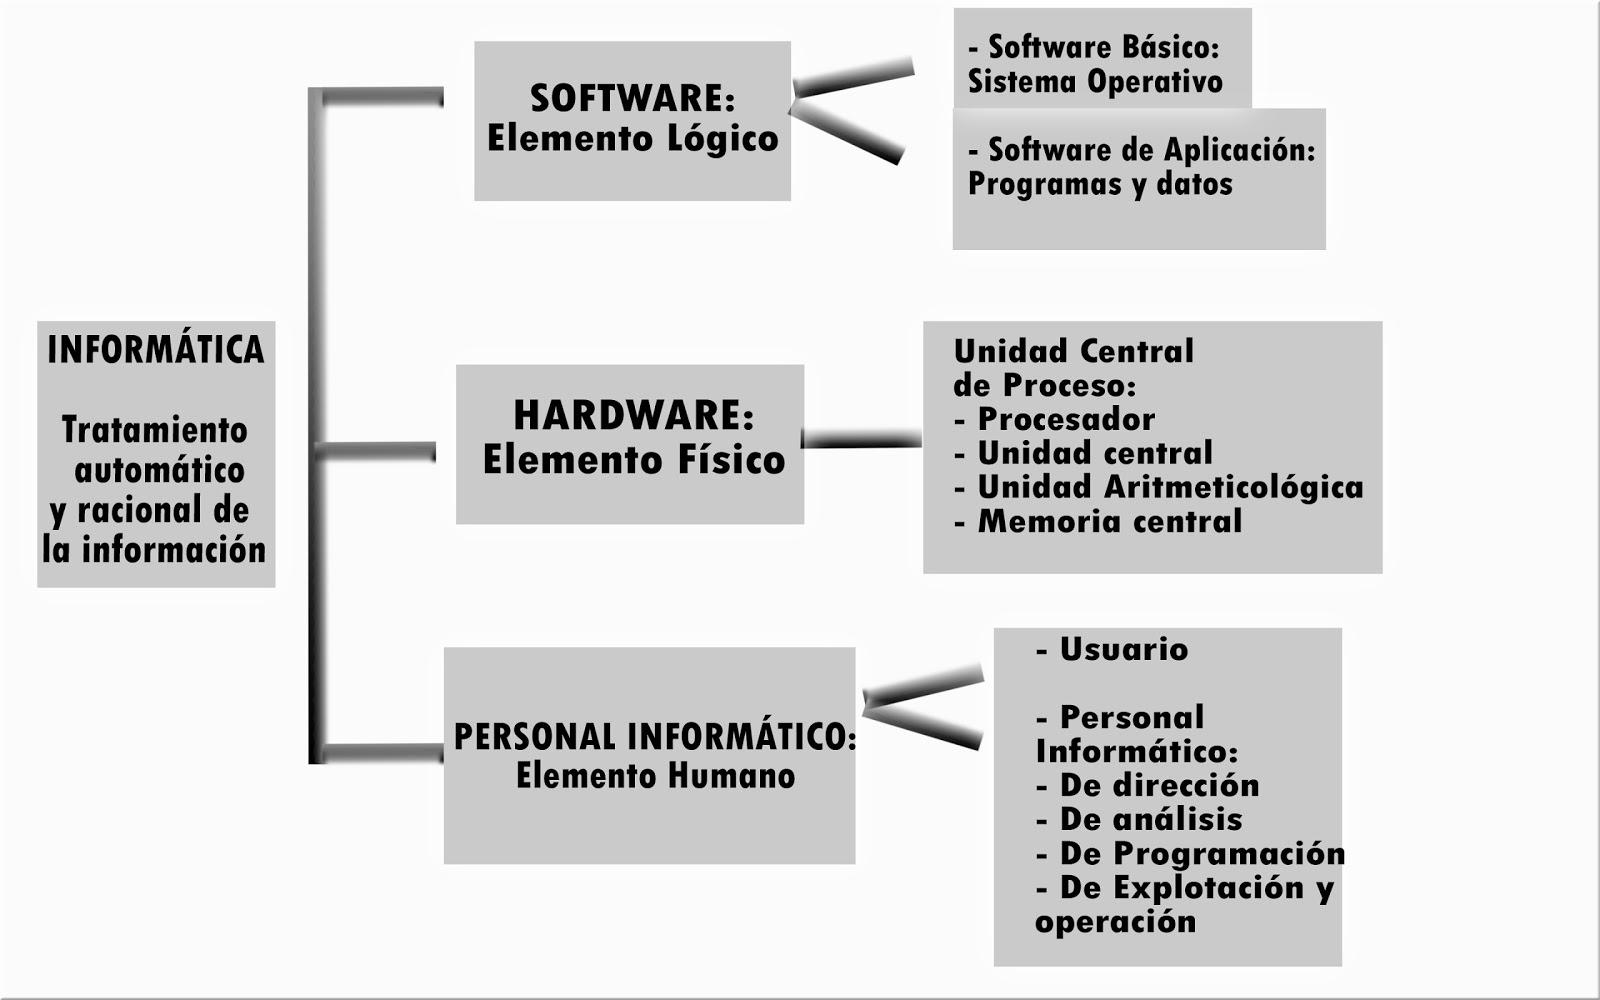 Historia De La Informatica Cuadro Sinóptico Sobre La